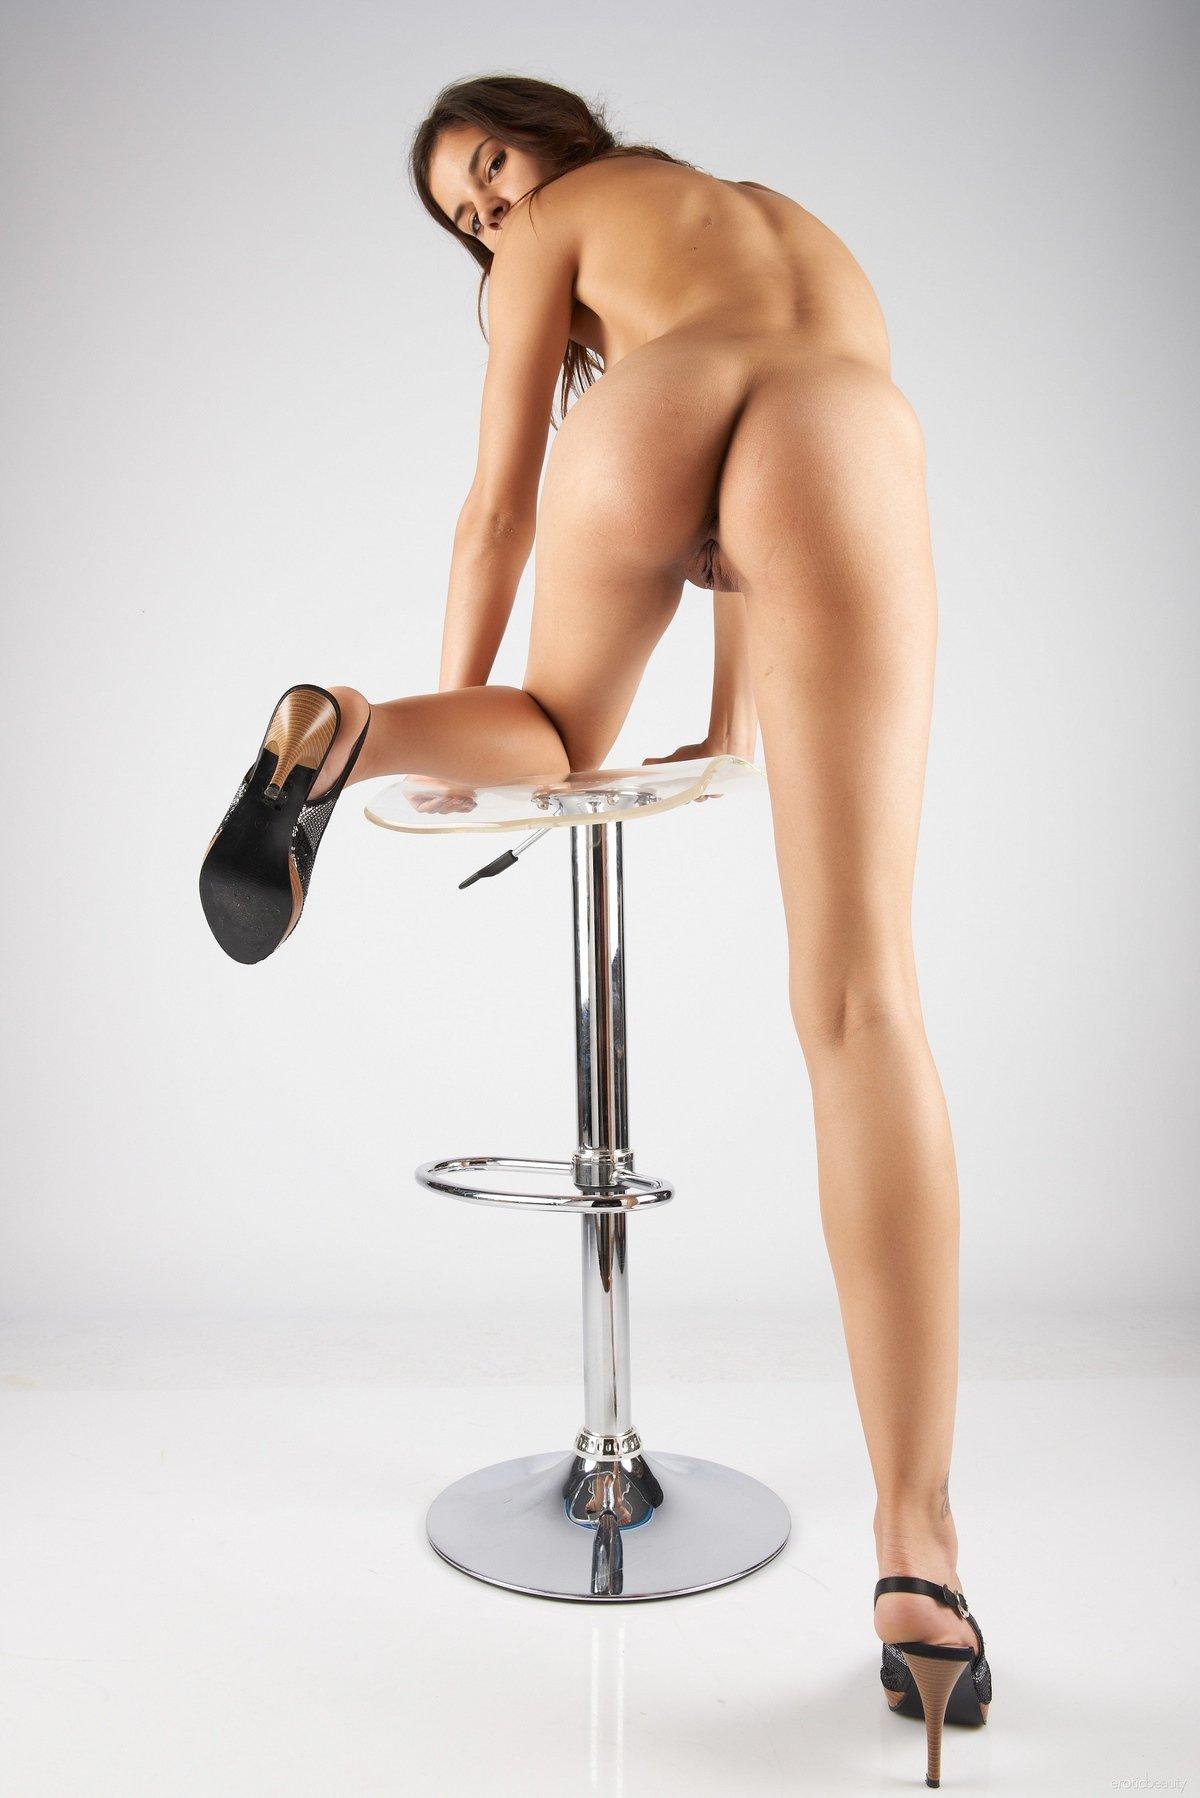 Candice раздвигает загорелые ножки на высоком стуле